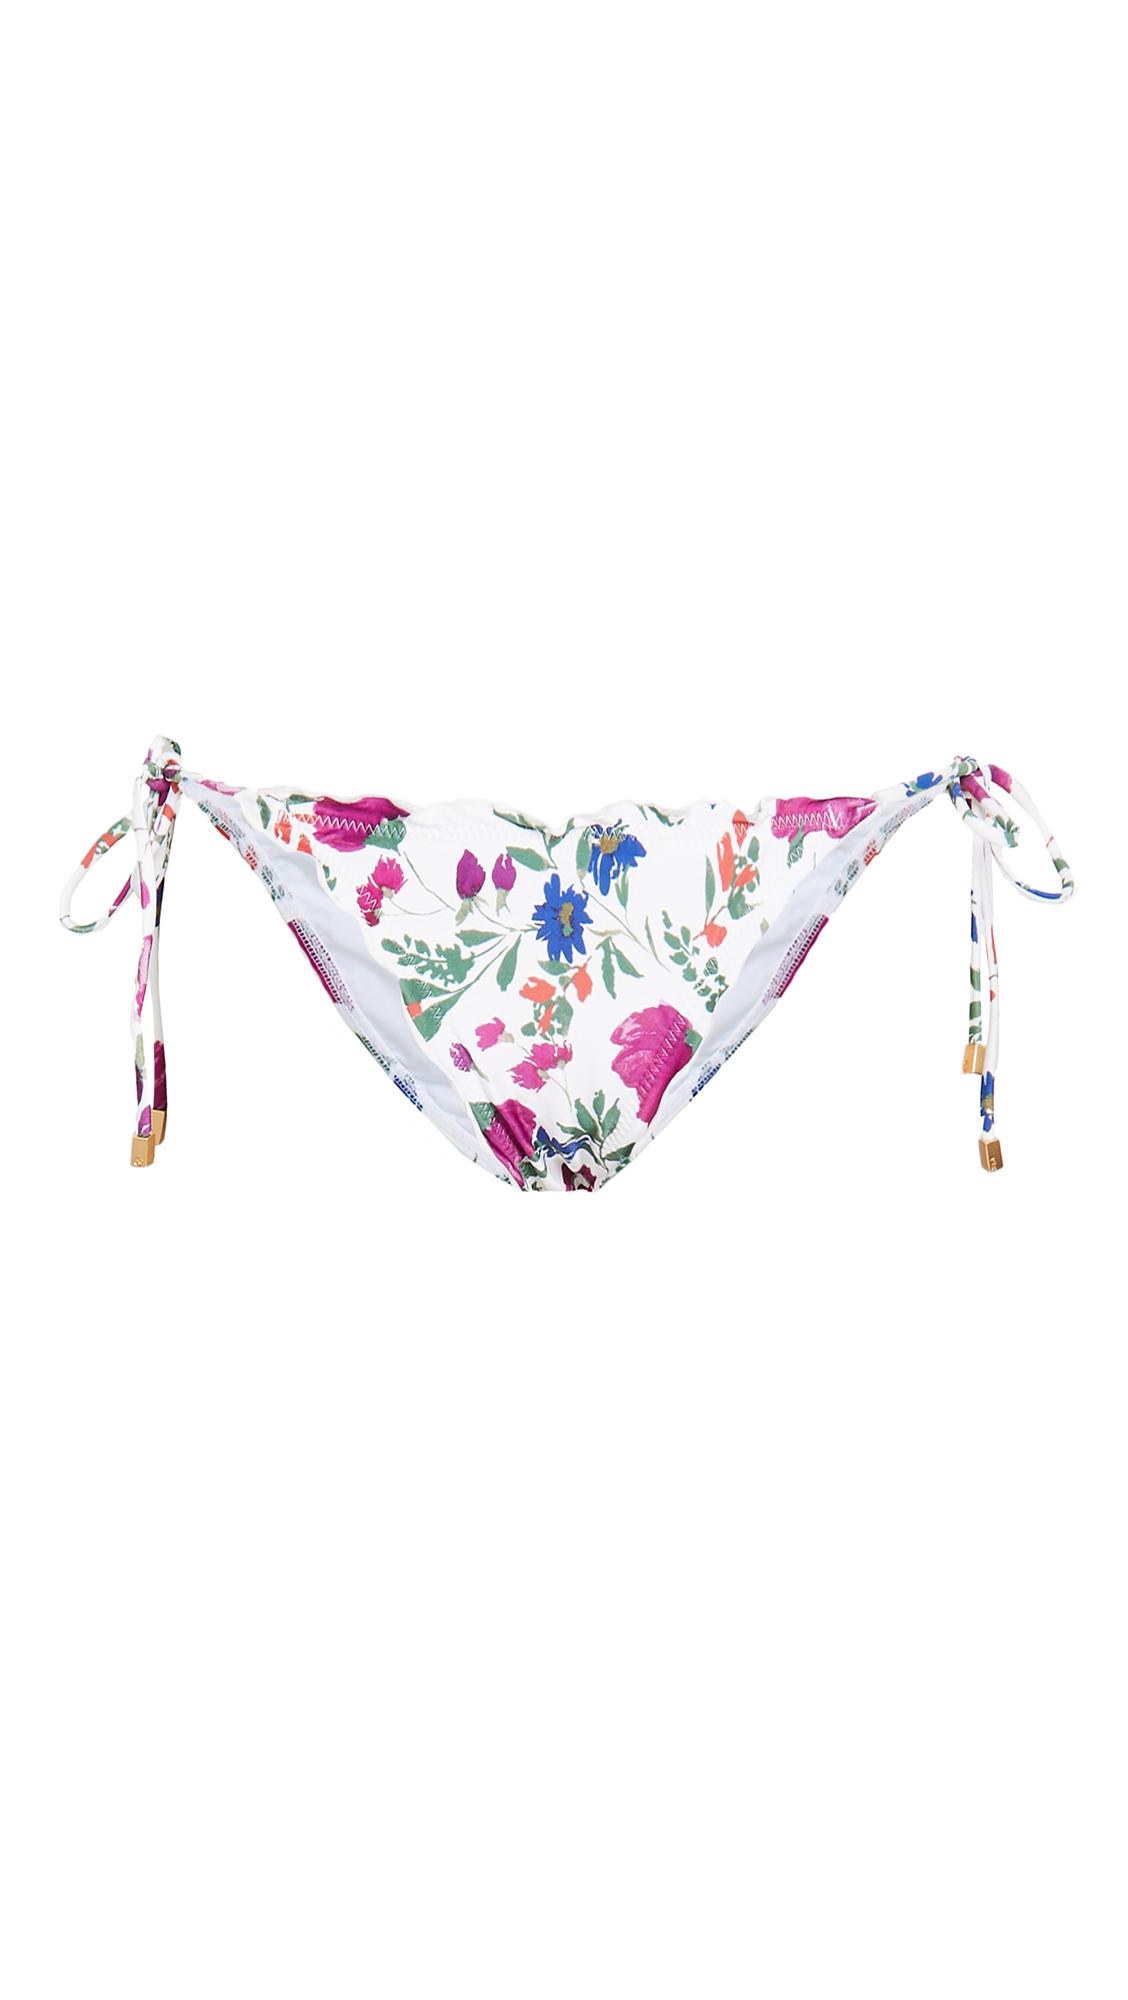 ViX Swimwear Clover Ripple Bikini Bottoms